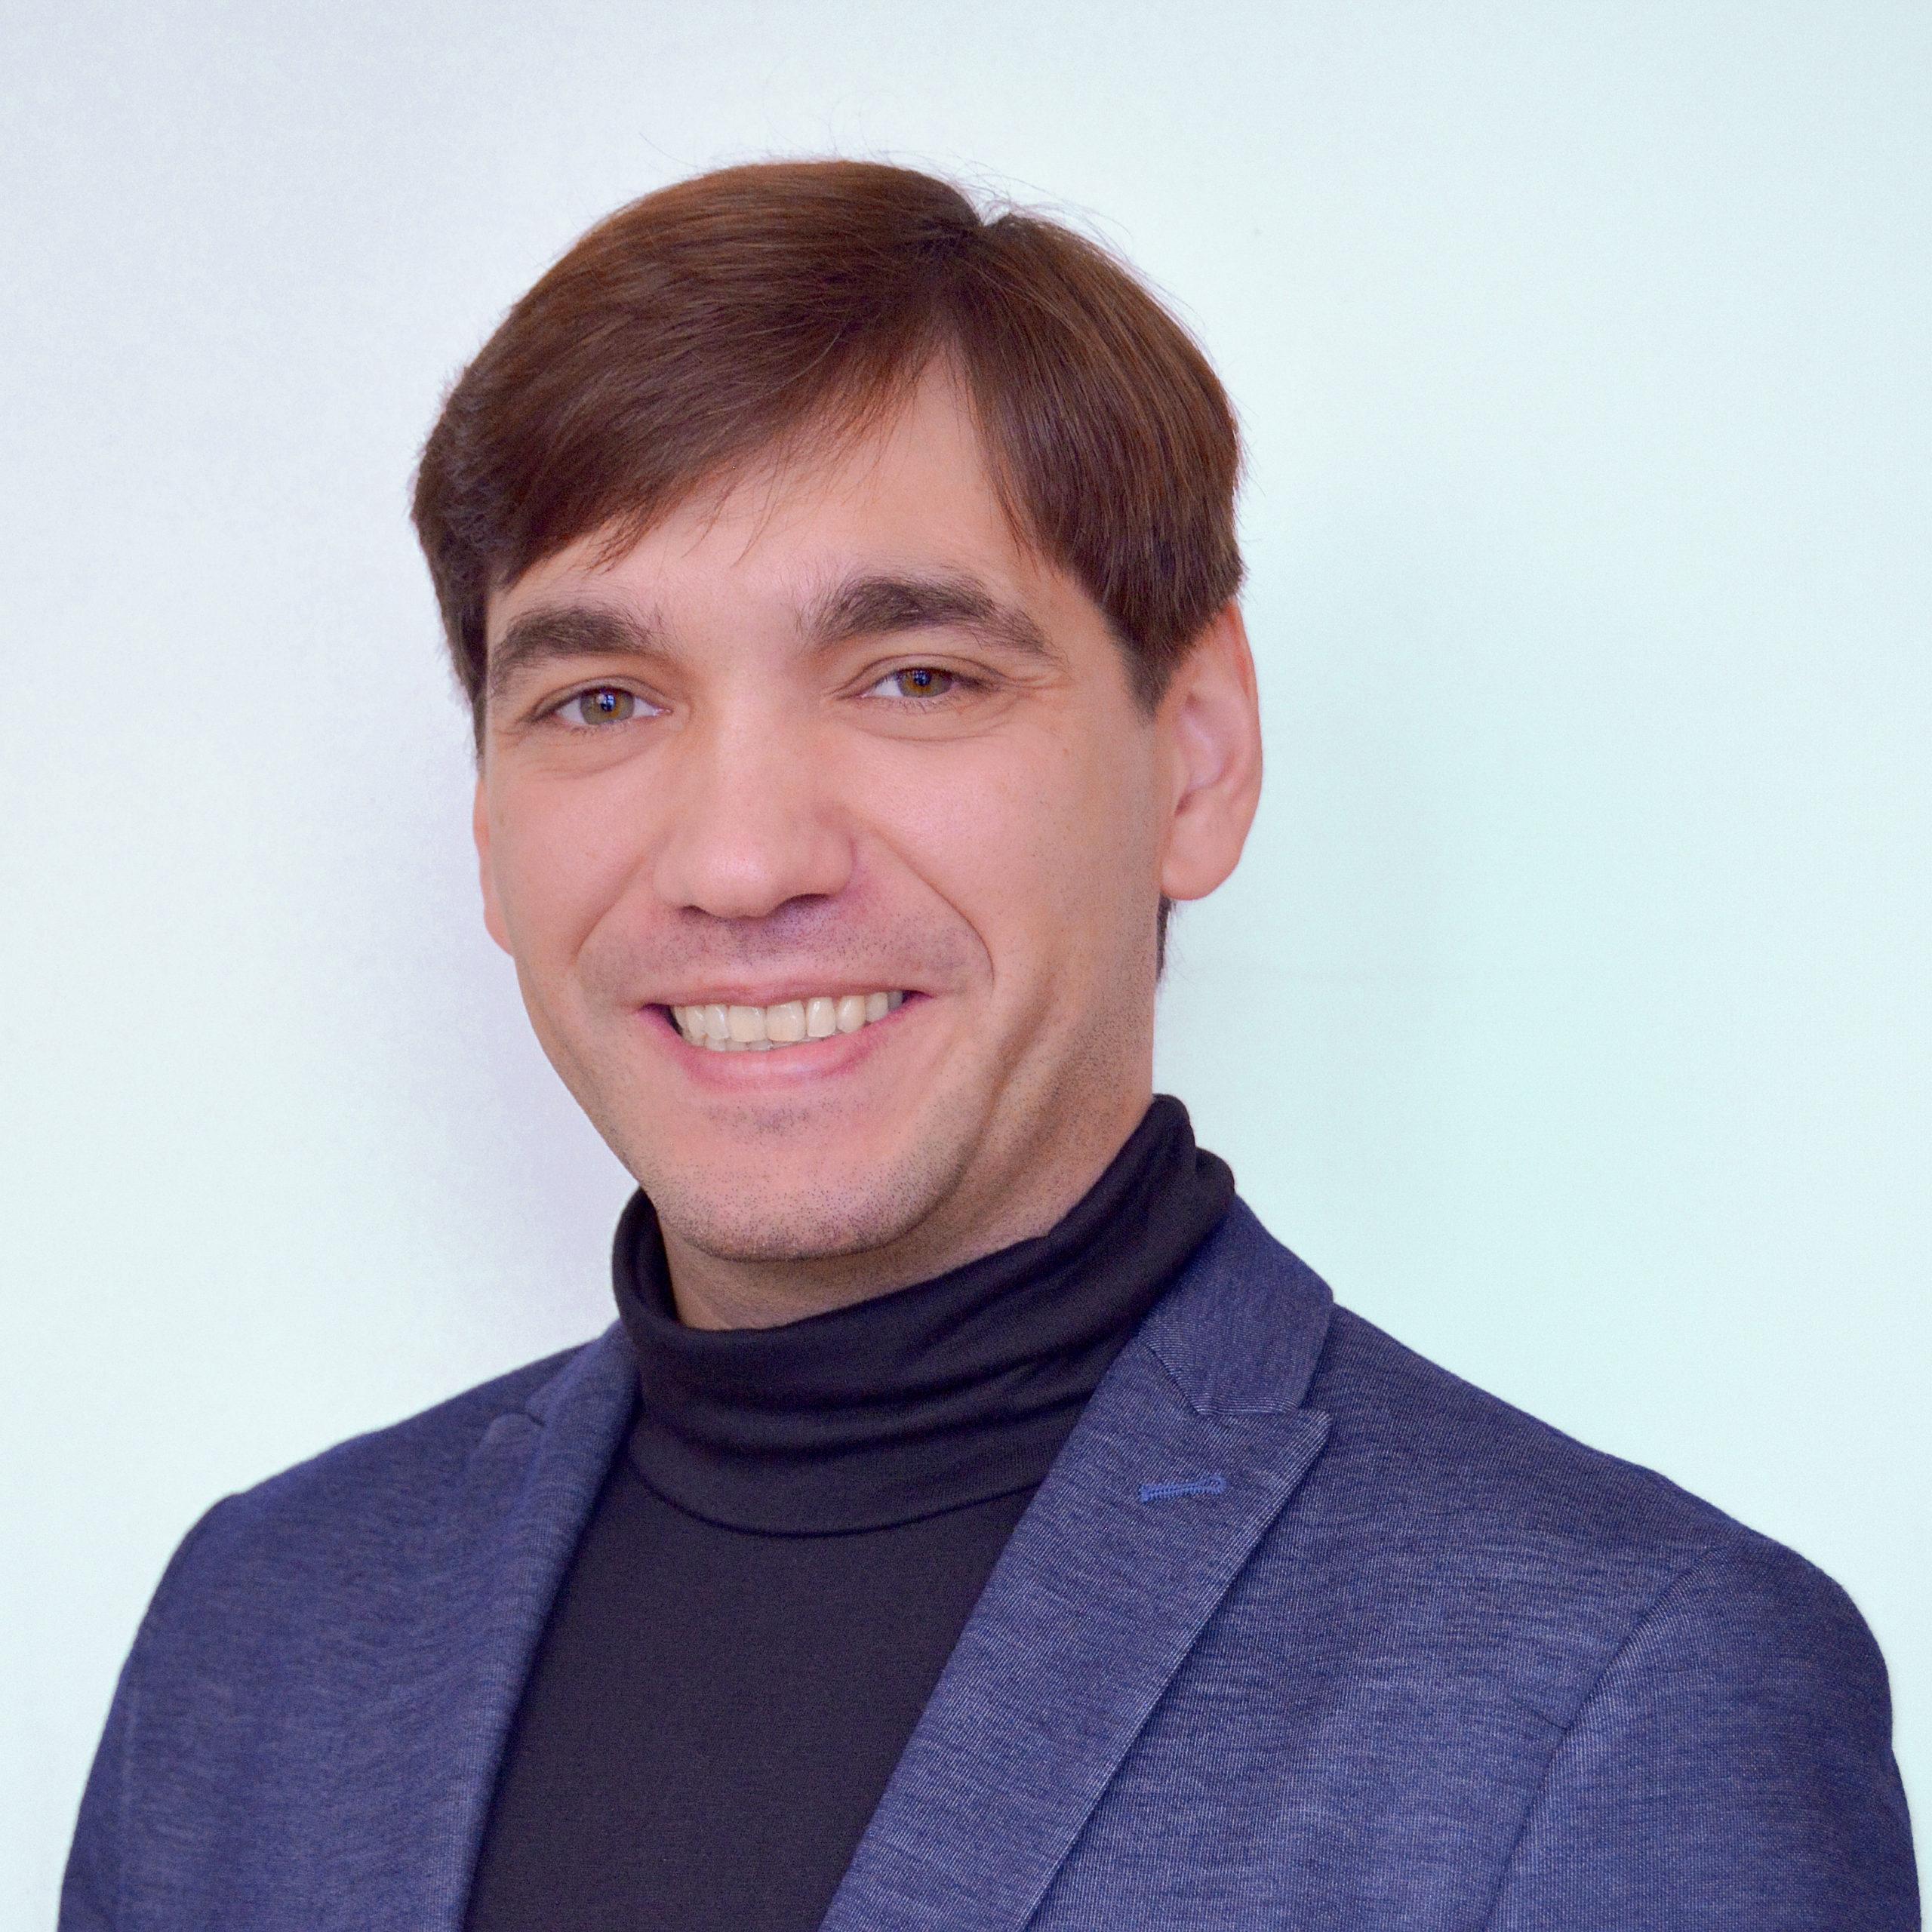 Дзигуа Дмитрий Валтерович